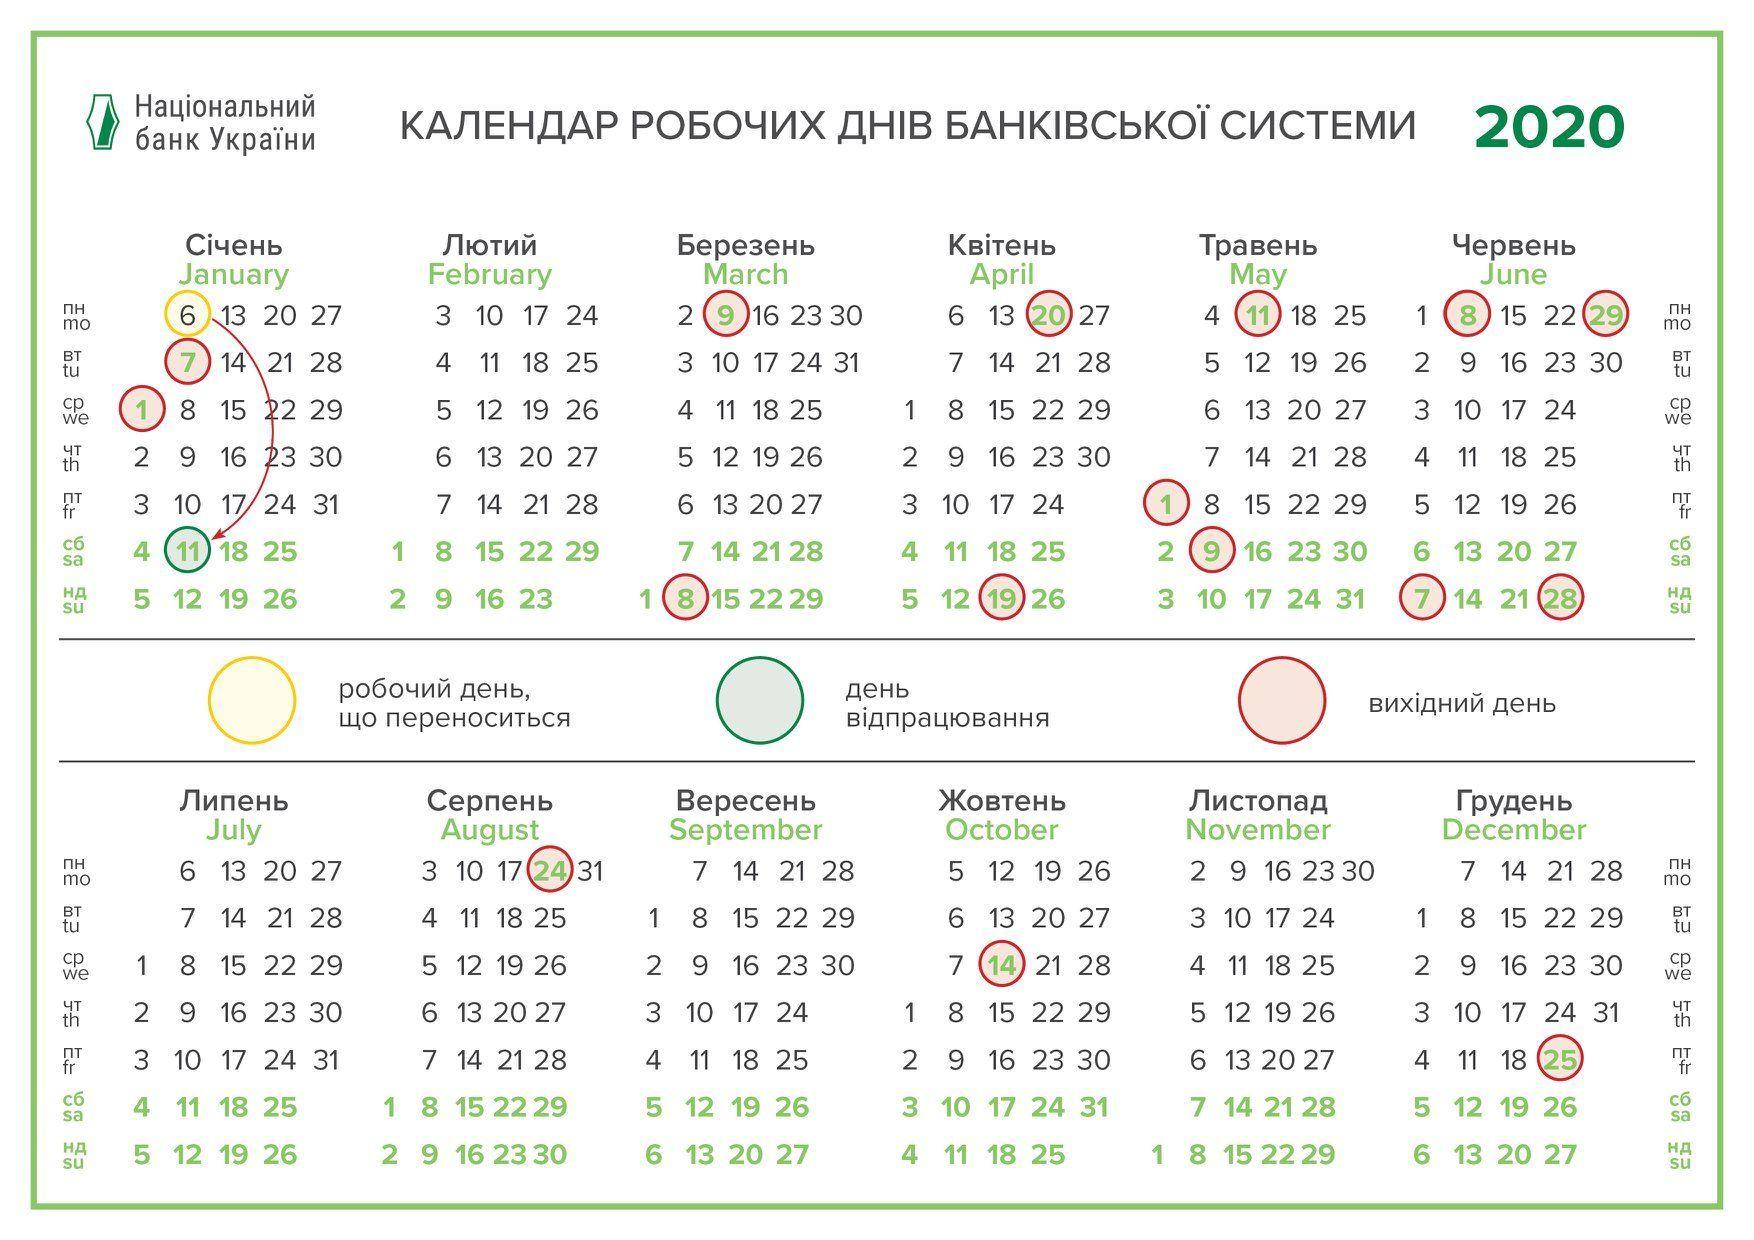 графік роботи банків інфографіка